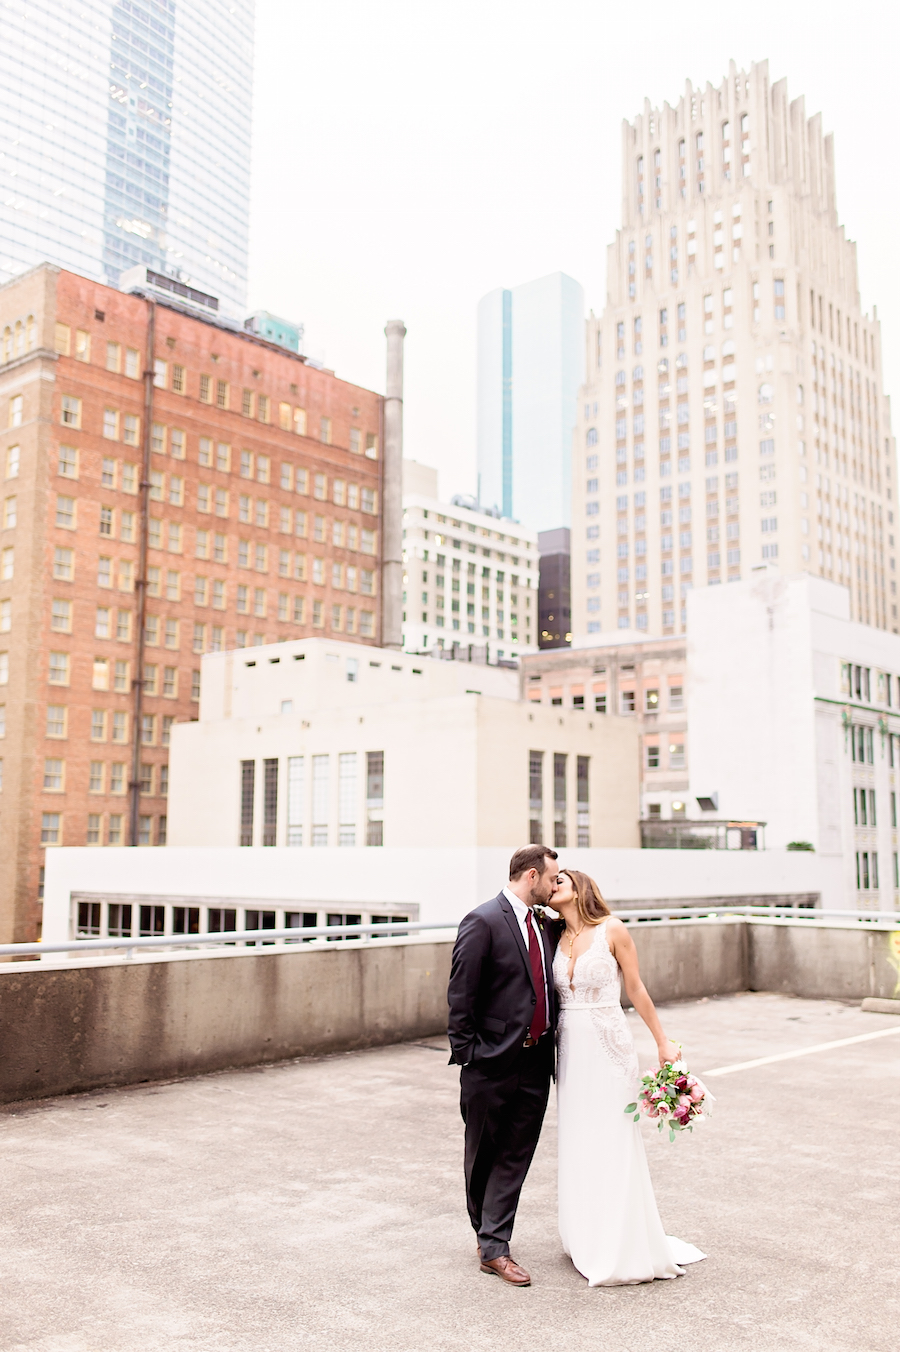 Ida-Courthouse-Wedding-Pharris-Photography-209.jpg